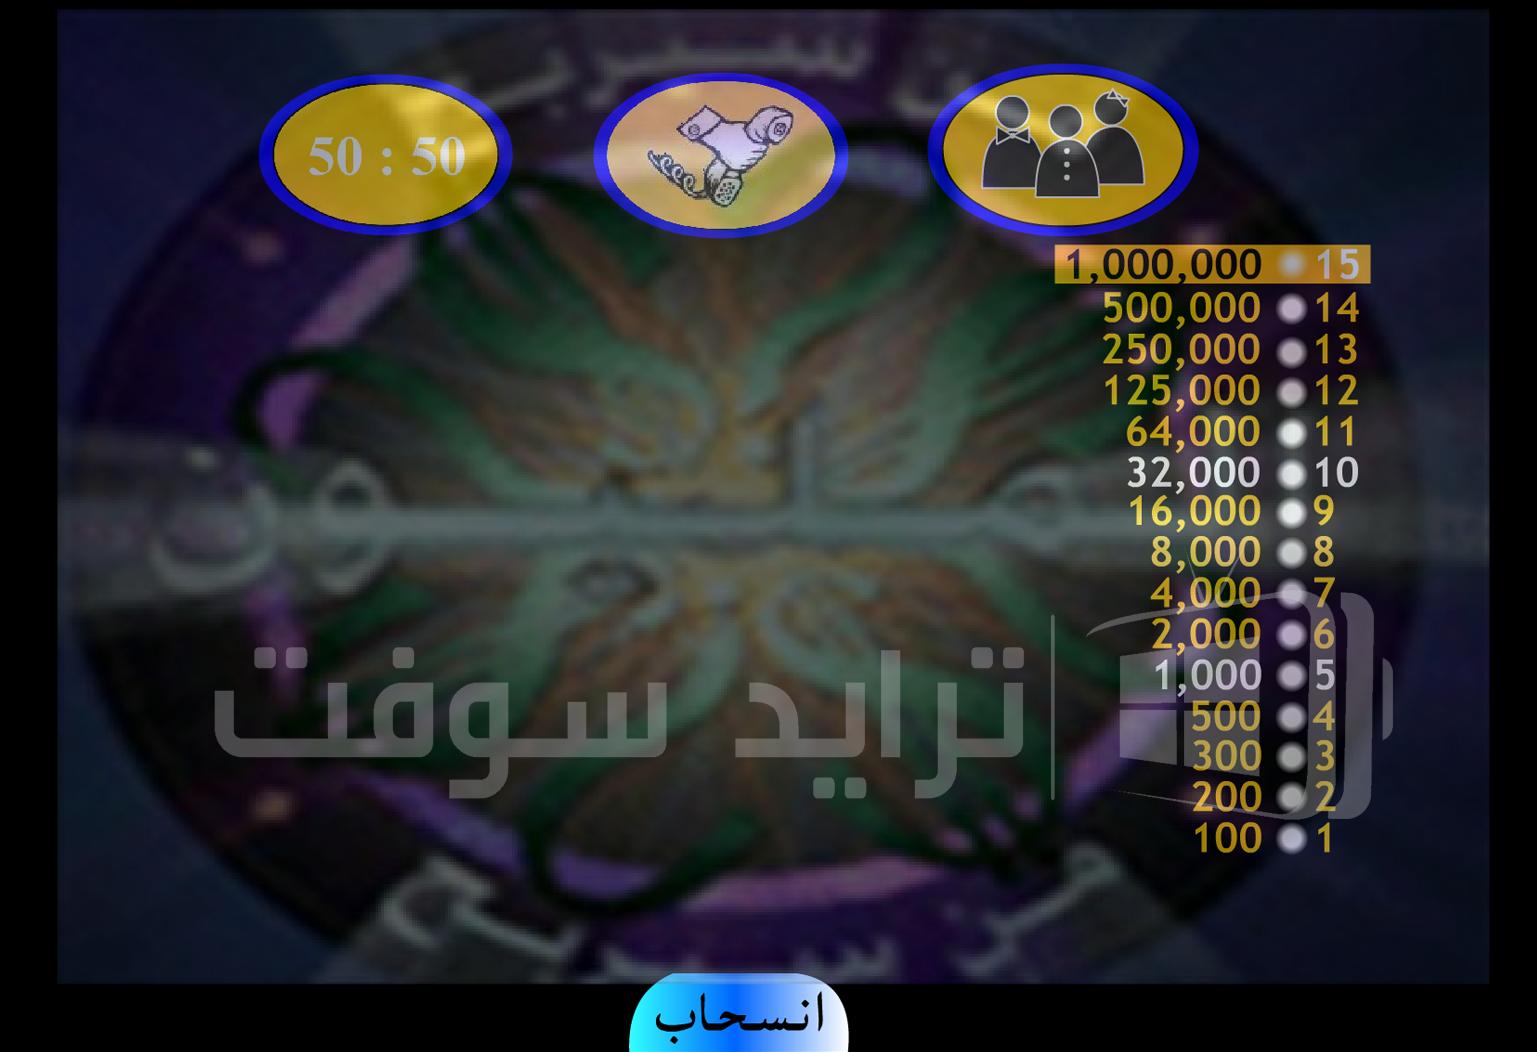 لعبة من سيربح المليون مجانا بالعربية